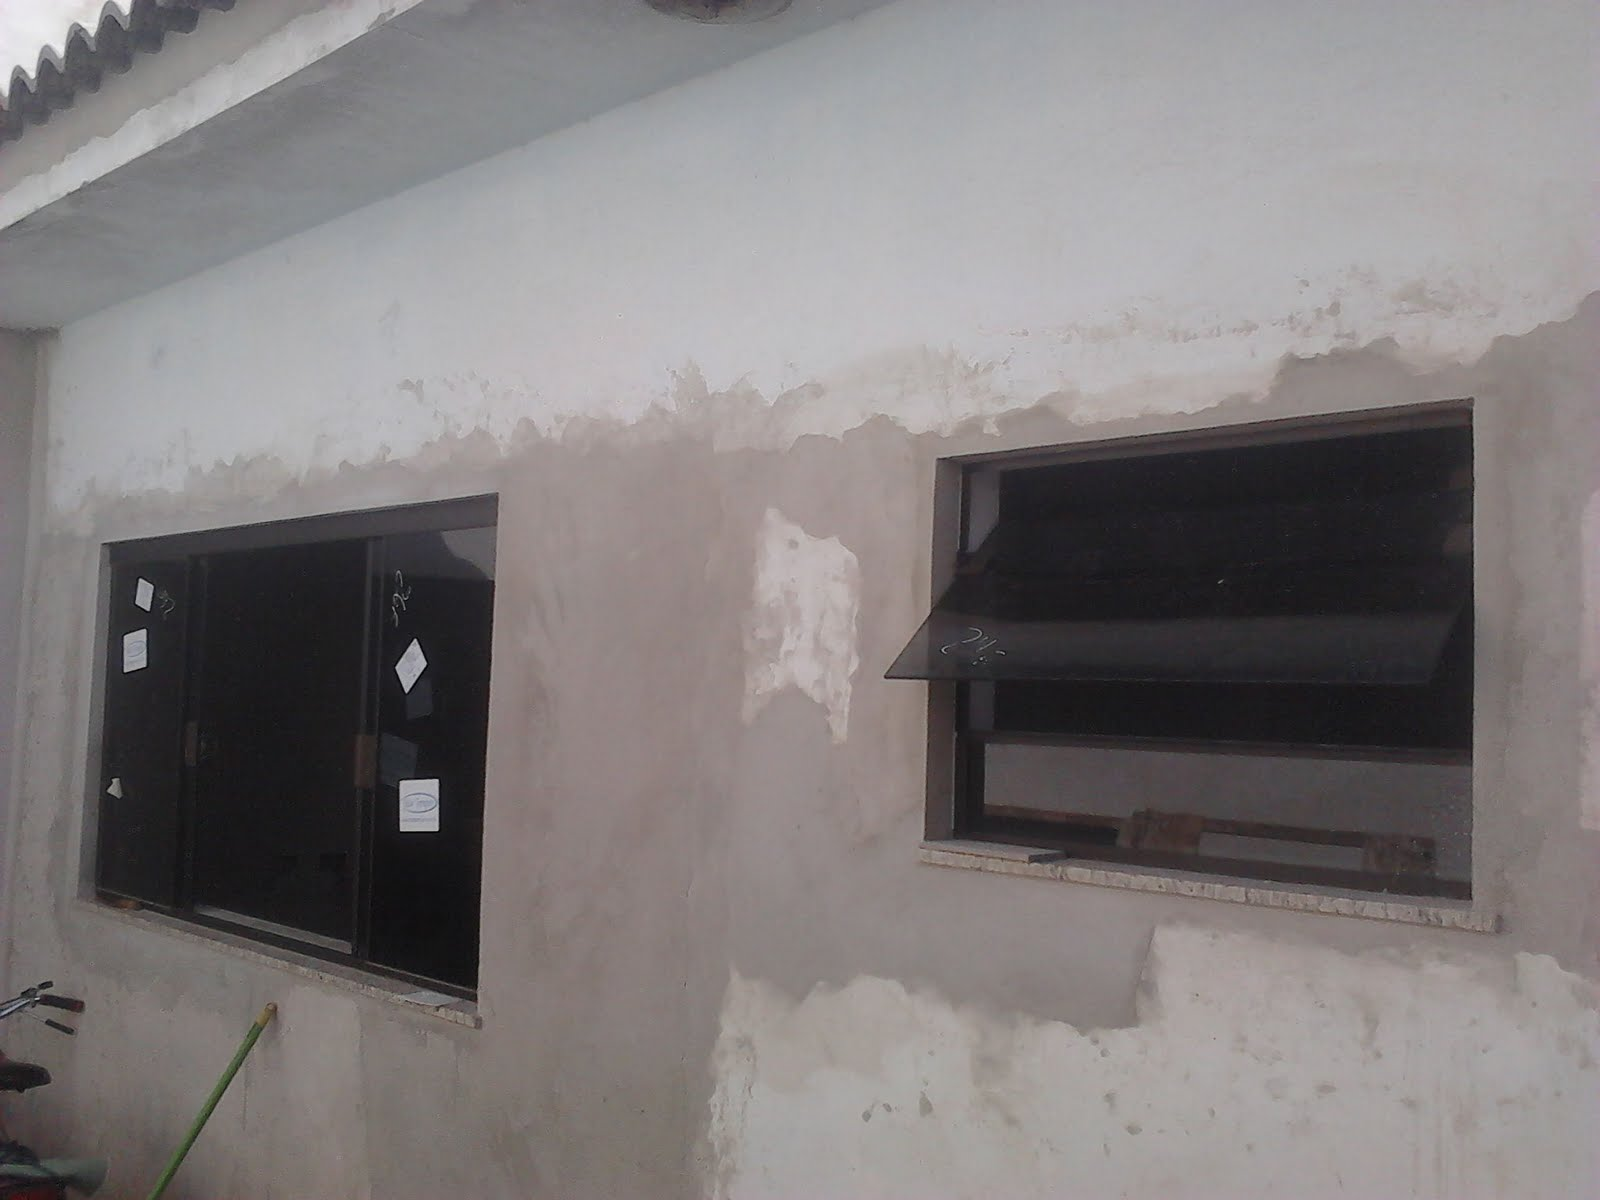 #59504F Janela 04 folhas e janela Wc Basculante 3402 Janelas De Pvc Primeira Linha